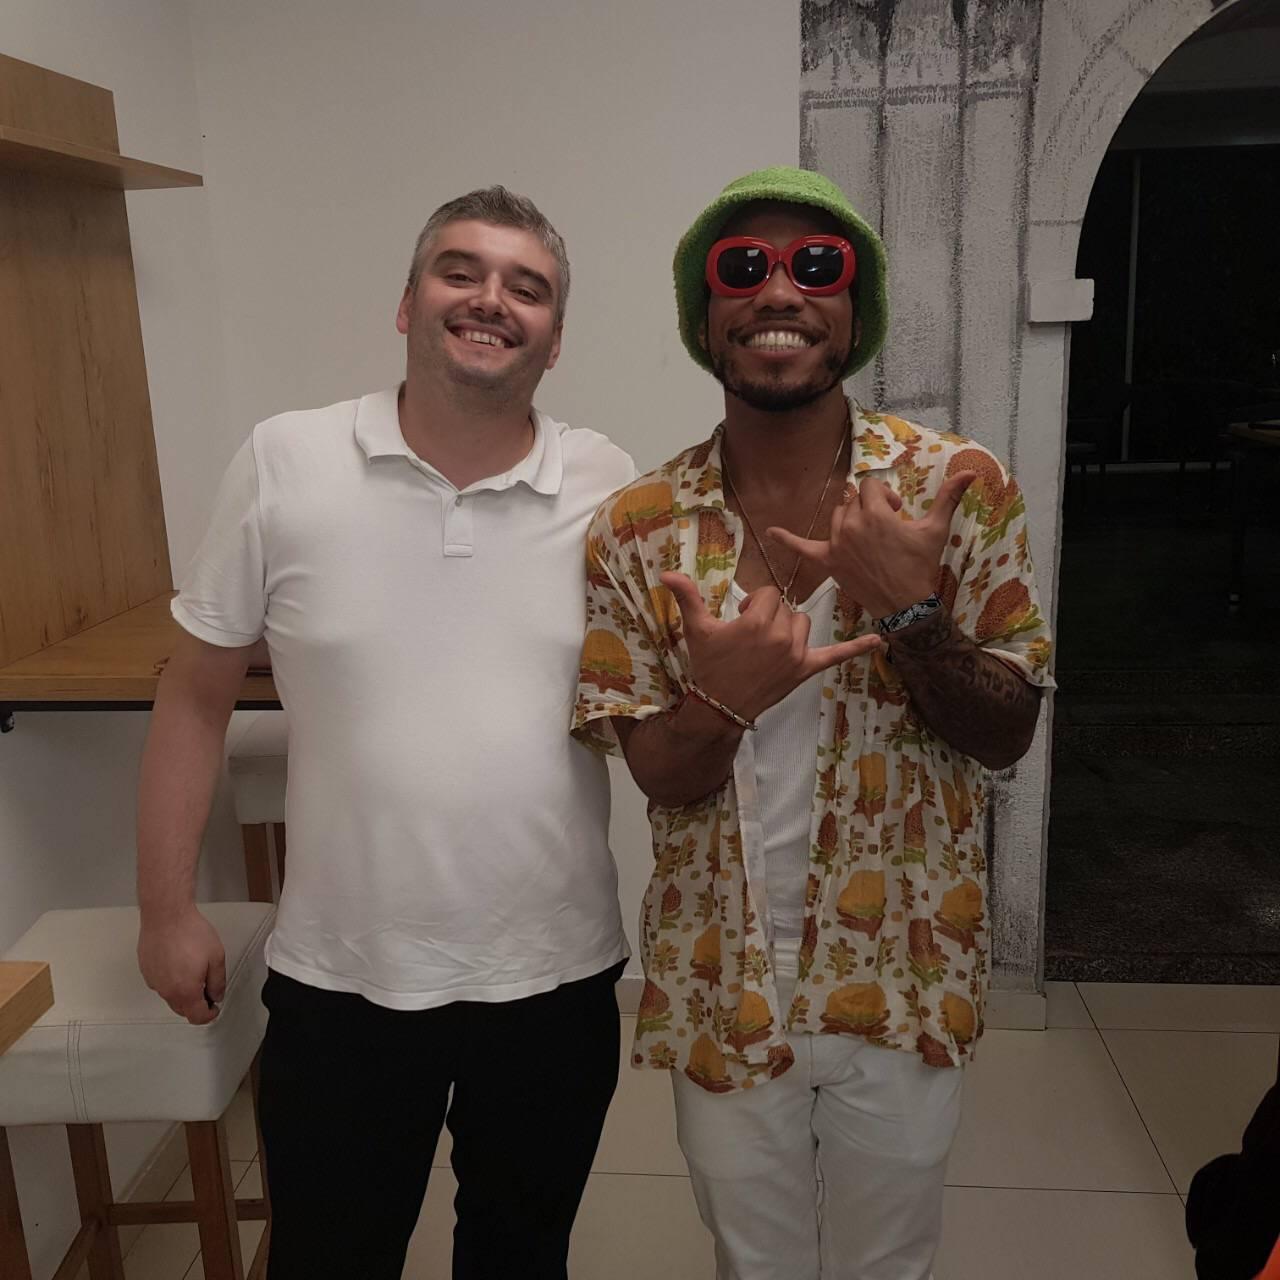 Hip hop zvijezda u restoranu u Puli: Donio svoj CD s glazbom